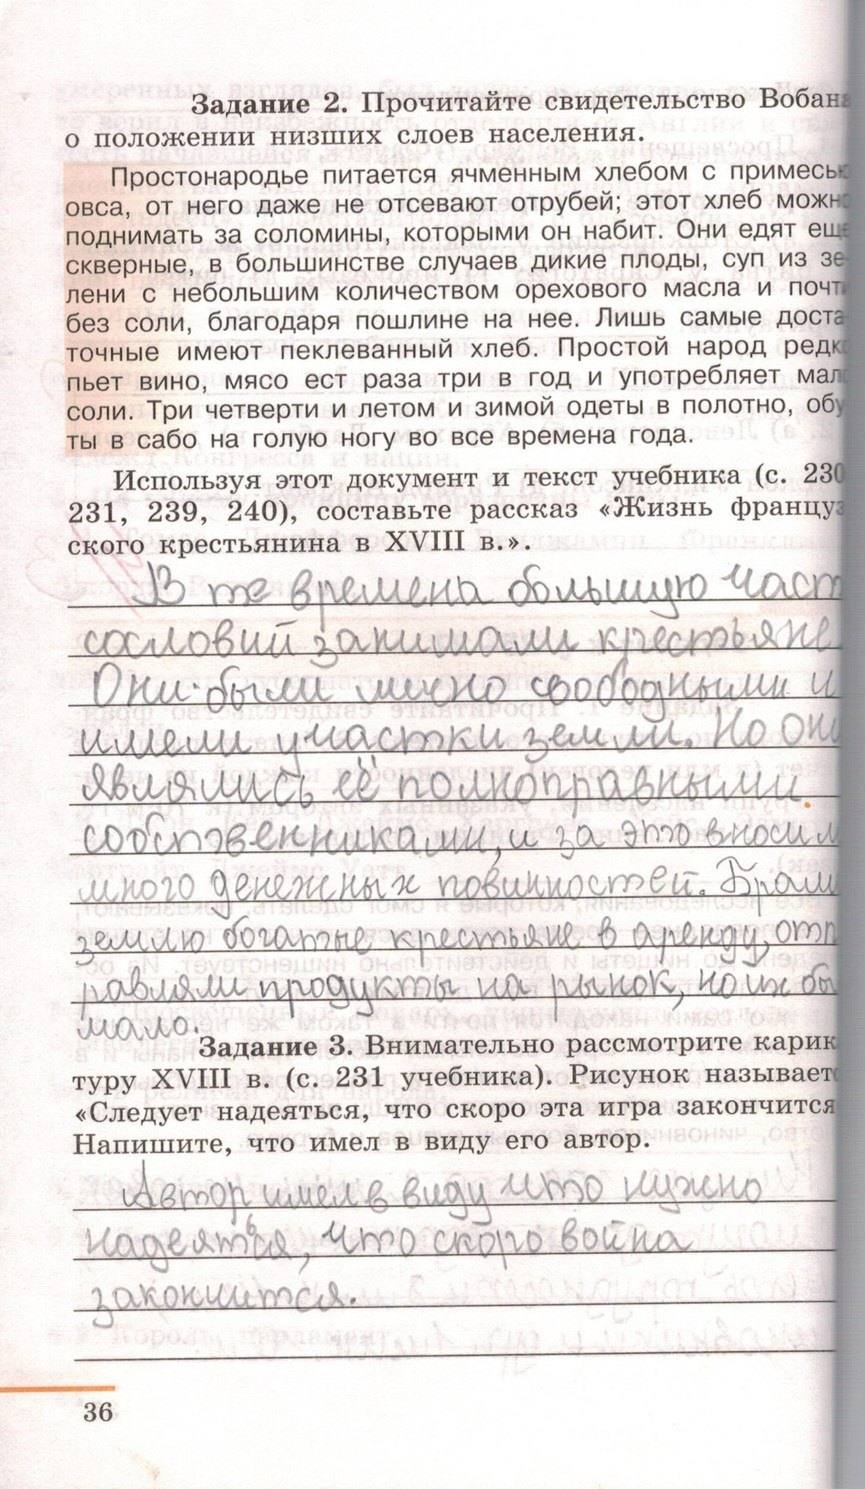 гдз по истории 7 класс новая история 1500-1800 юдовская